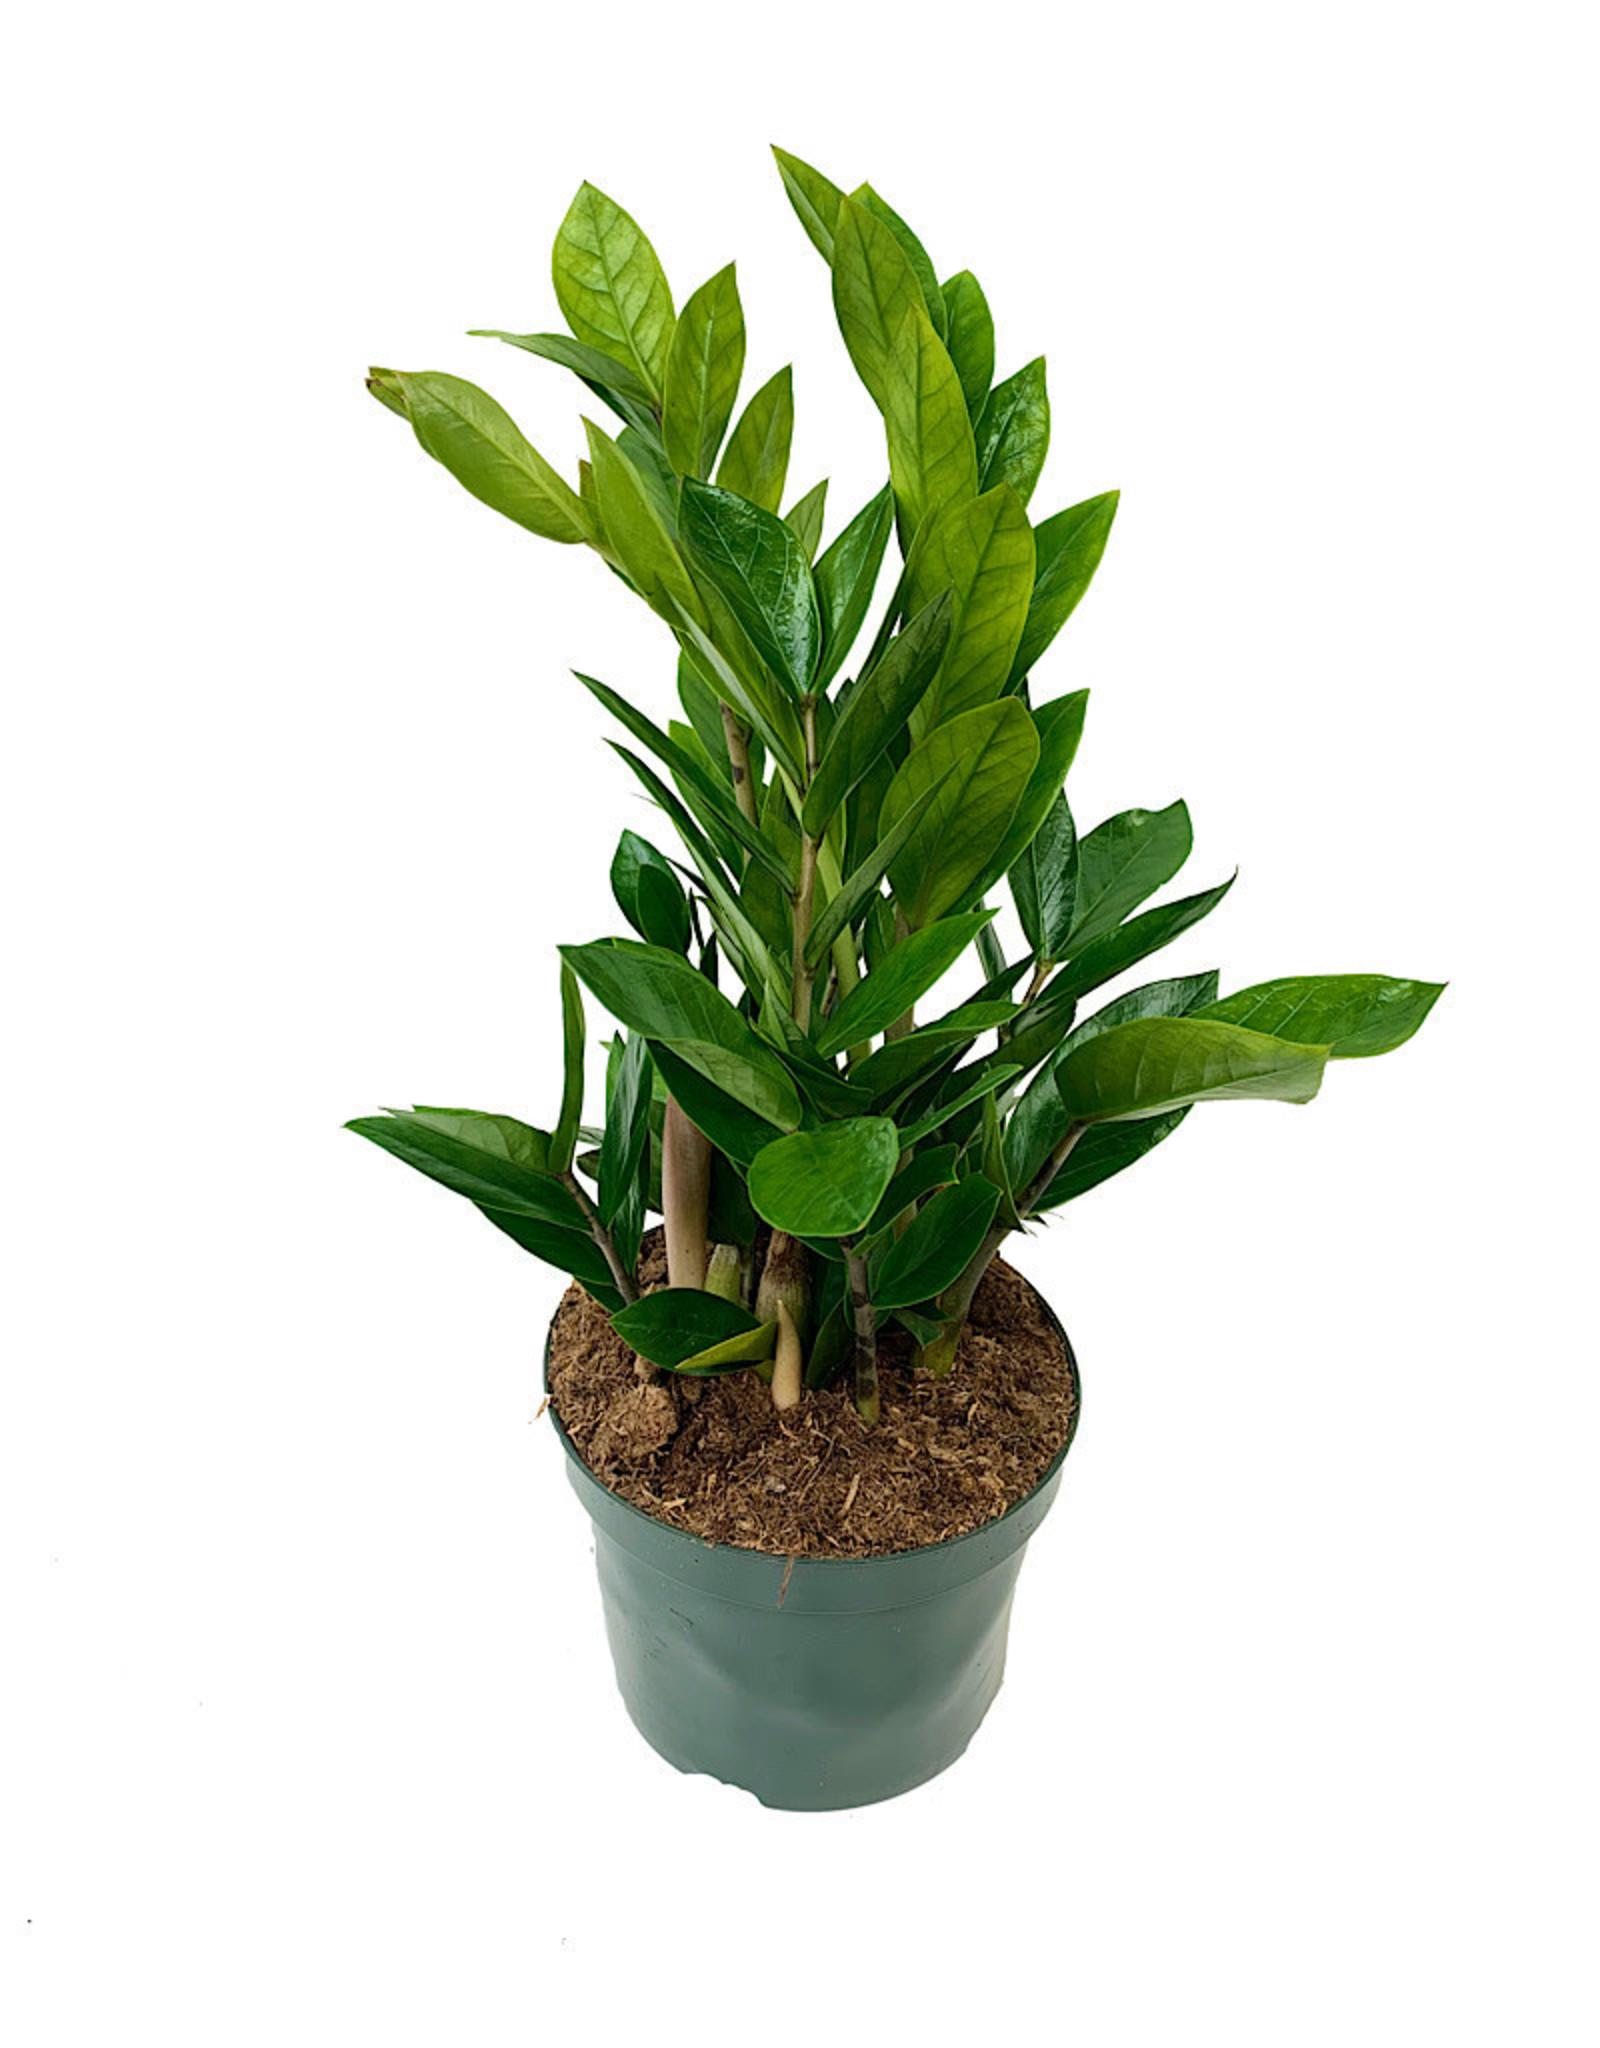 Zamioculcas zamiifolia 6 Inch